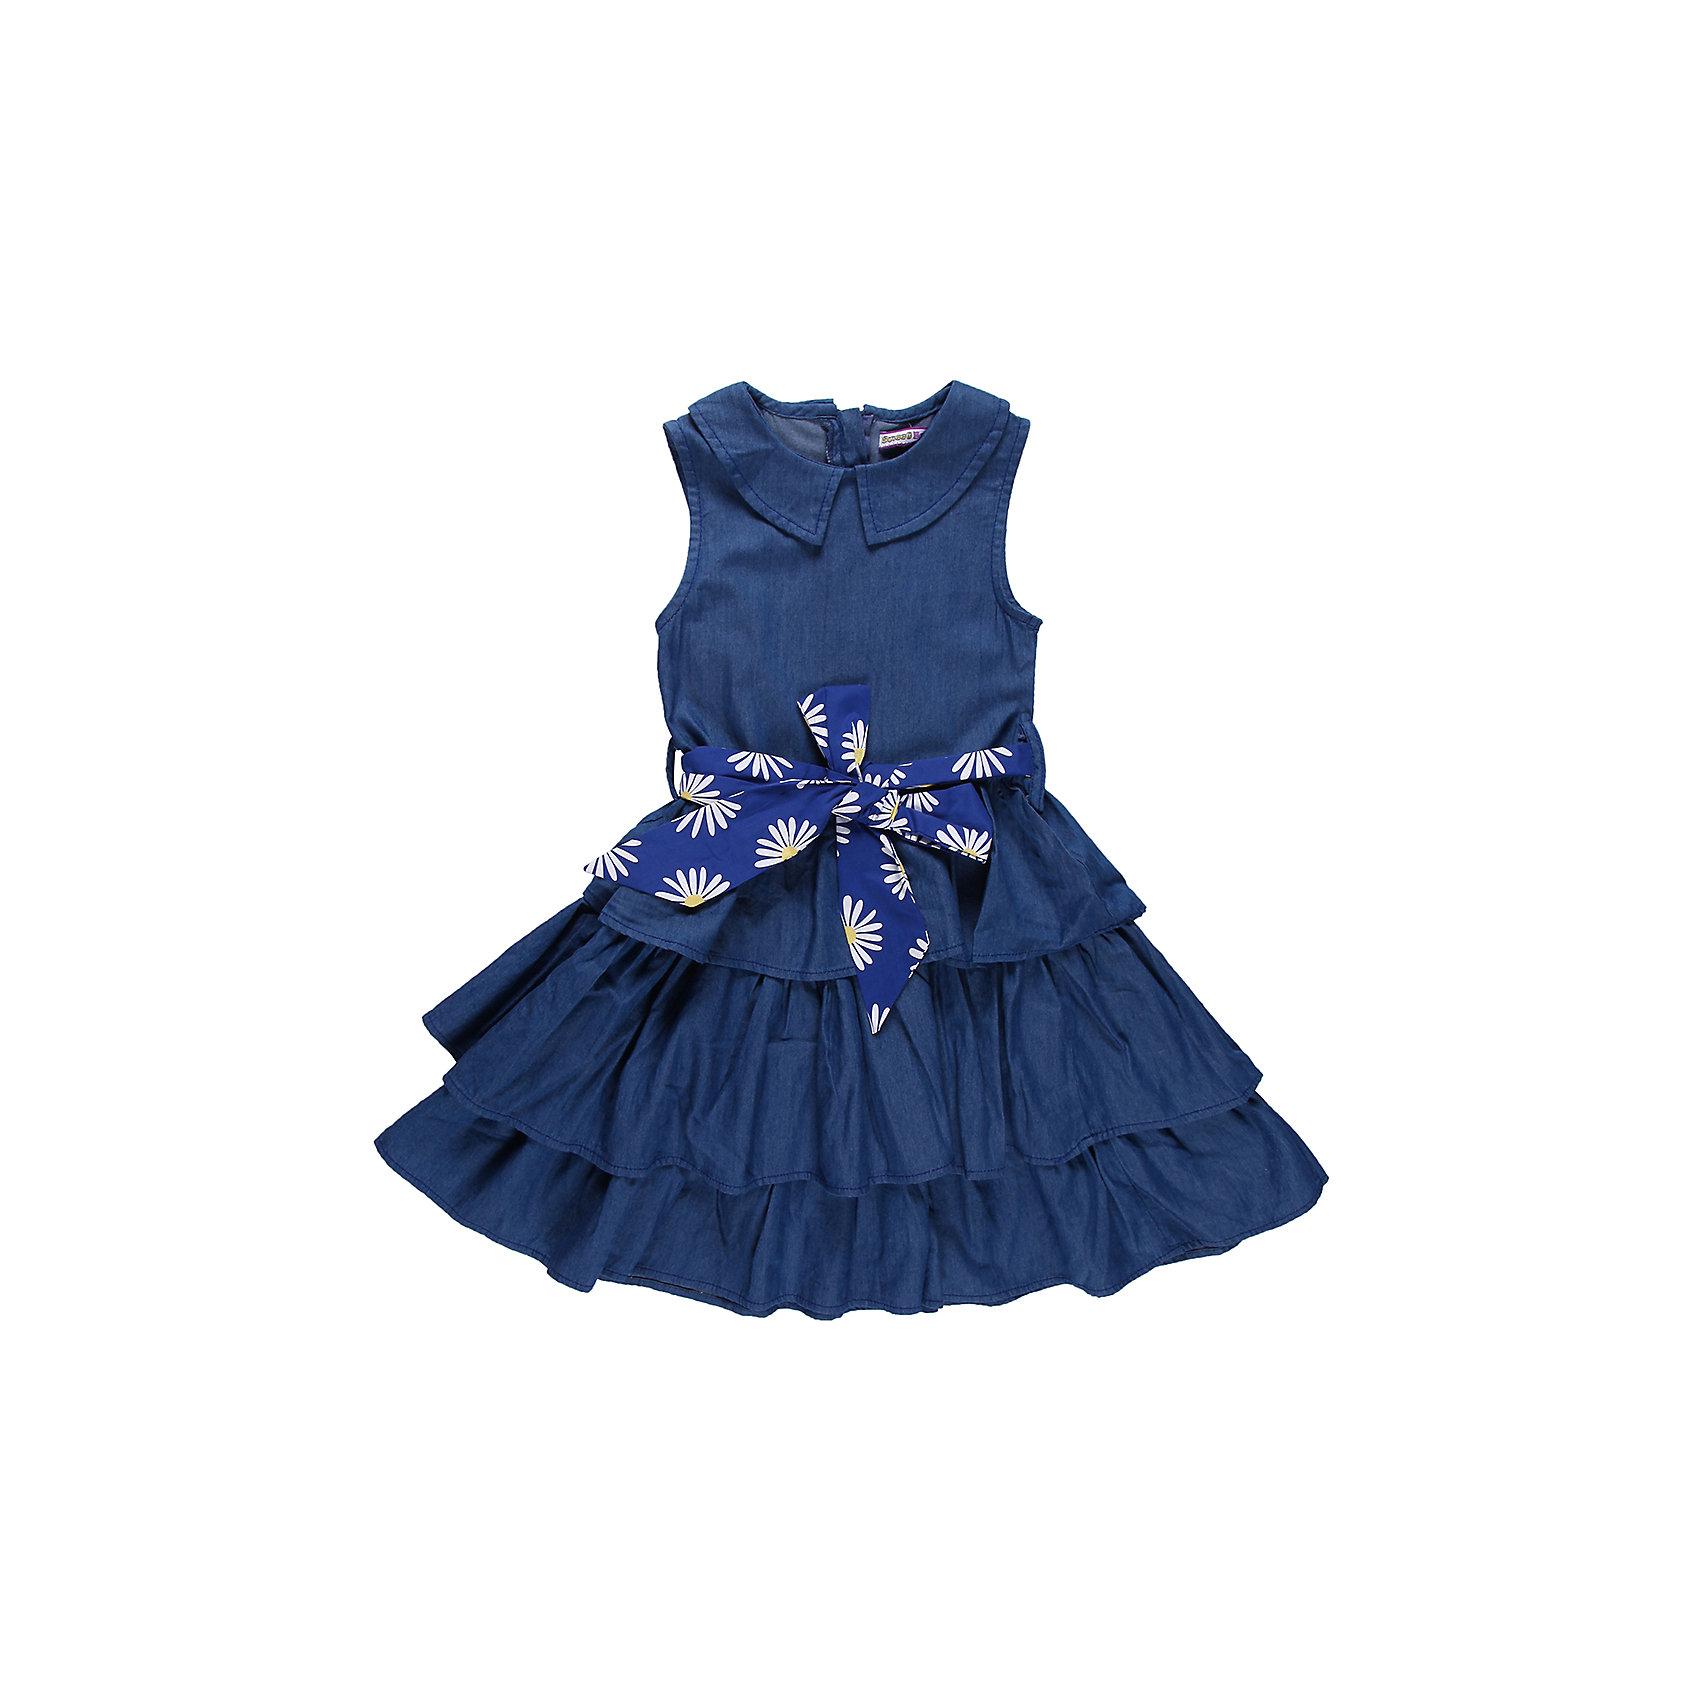 Платье для девочки Sweet BerryПлатье на девочку из тончайшей джинсы, отрезное по талии. Отложной воротничок. Пышная юбка из воланов. Принтованный пояс из хлопка.<br>Состав:<br>100% хлопок<br><br>Ширина мм: 236<br>Глубина мм: 16<br>Высота мм: 184<br>Вес г: 177<br>Цвет: голубой<br>Возраст от месяцев: 24<br>Возраст до месяцев: 36<br>Пол: Женский<br>Возраст: Детский<br>Размер: 104,116,110,128,98,122<br>SKU: 4520922